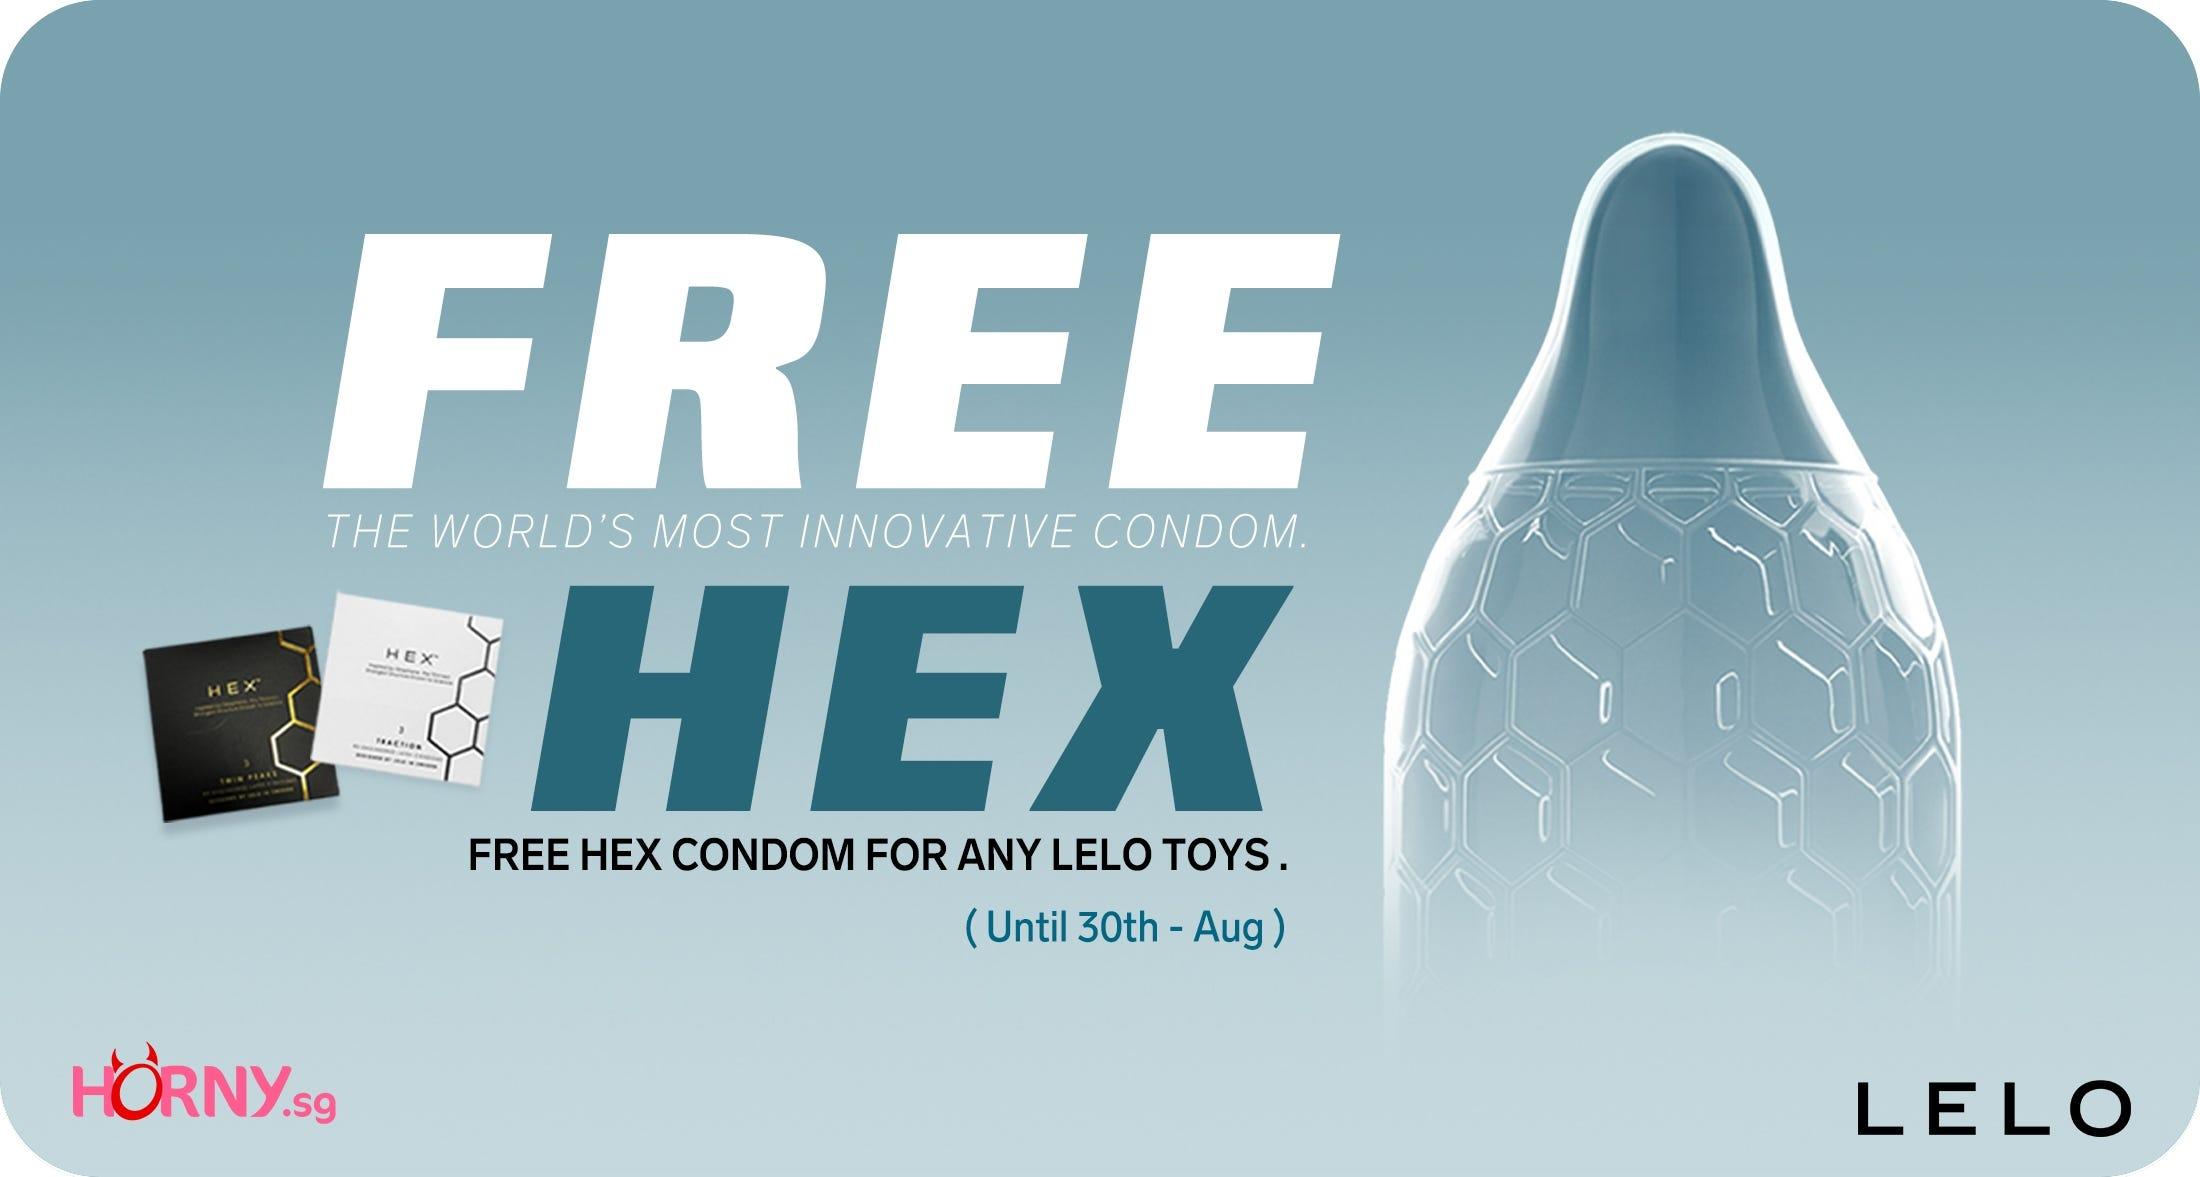 Free Hex Condom